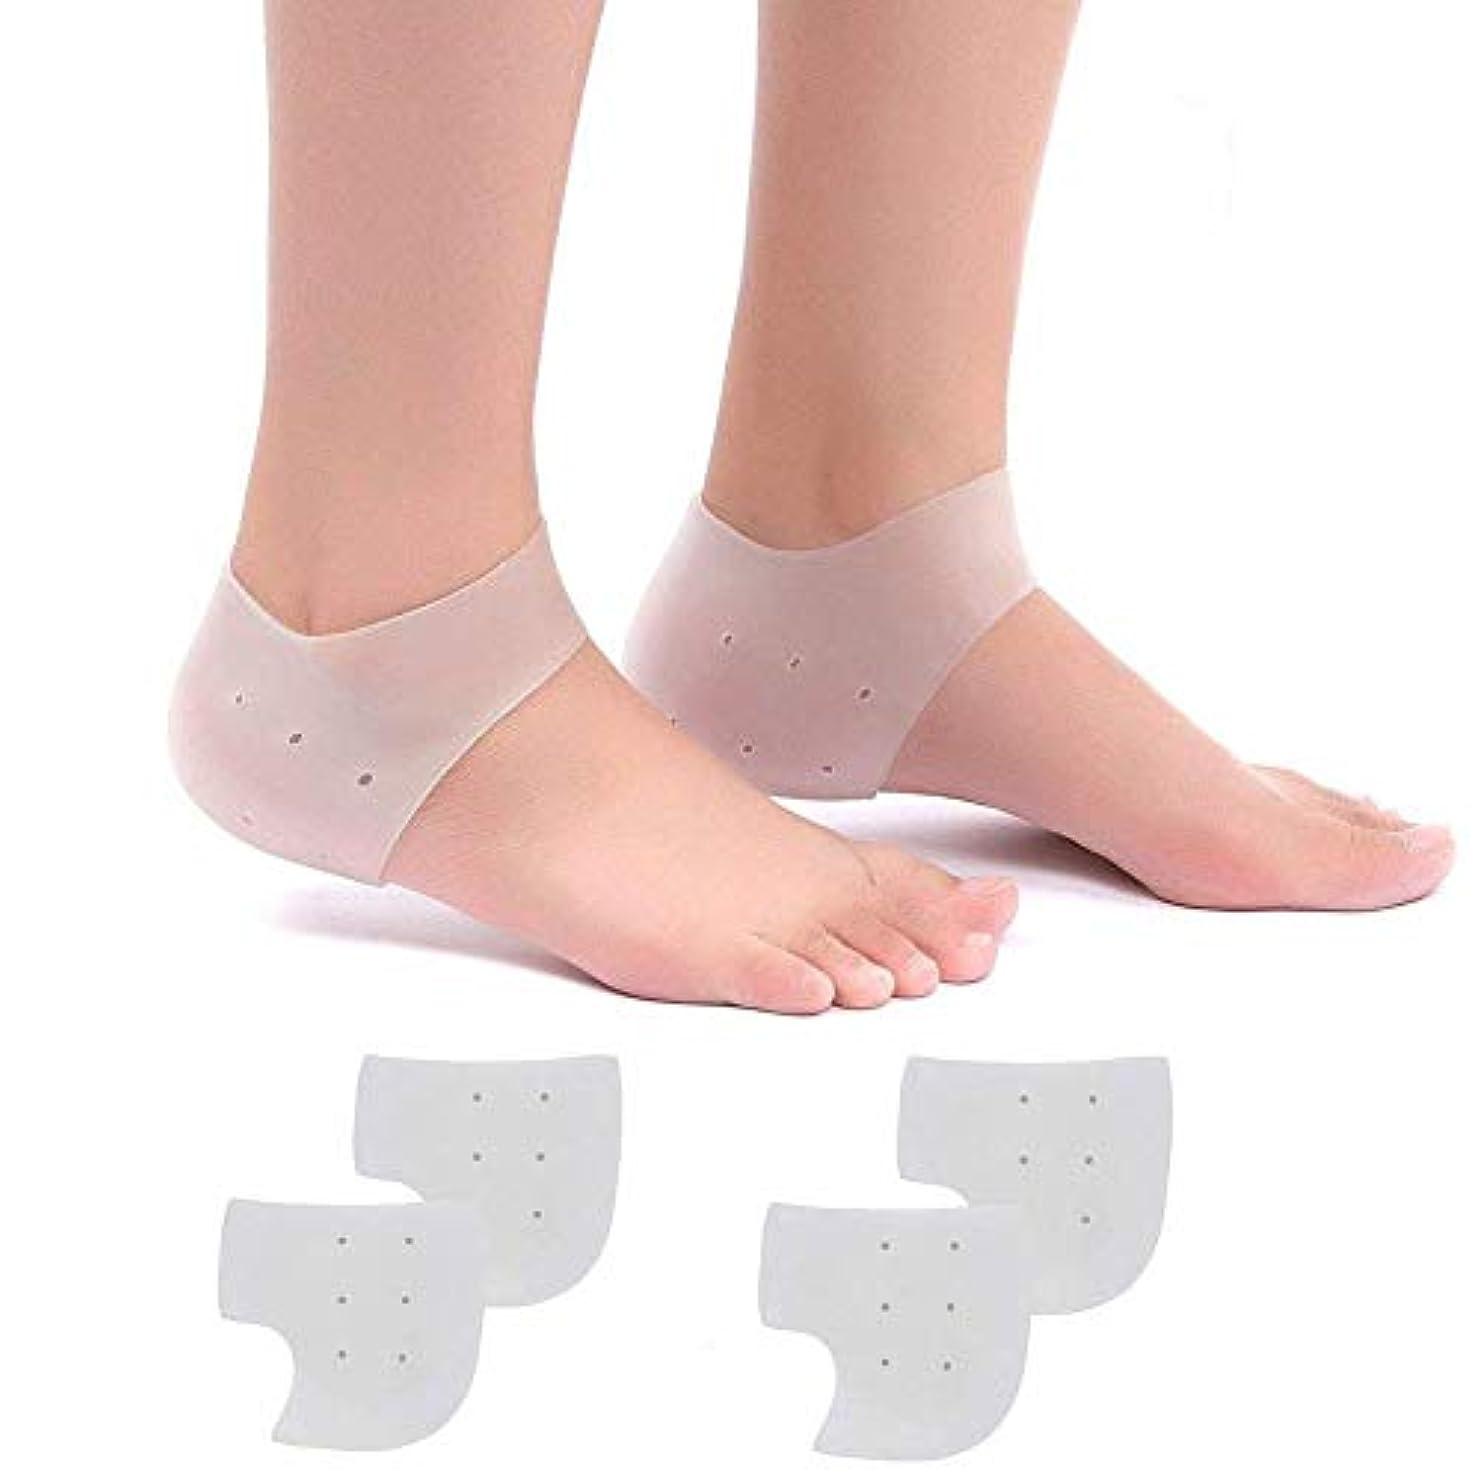 アンテナ抗議死んでいるシリコーンヒールスリーブ通気性シリコーンヒールカップ保護パッドの10組、ドライかかとを修復し、足底筋膜炎/アキレス腱/腱/ヒールスパー/かかとの痛みを軽減することができます